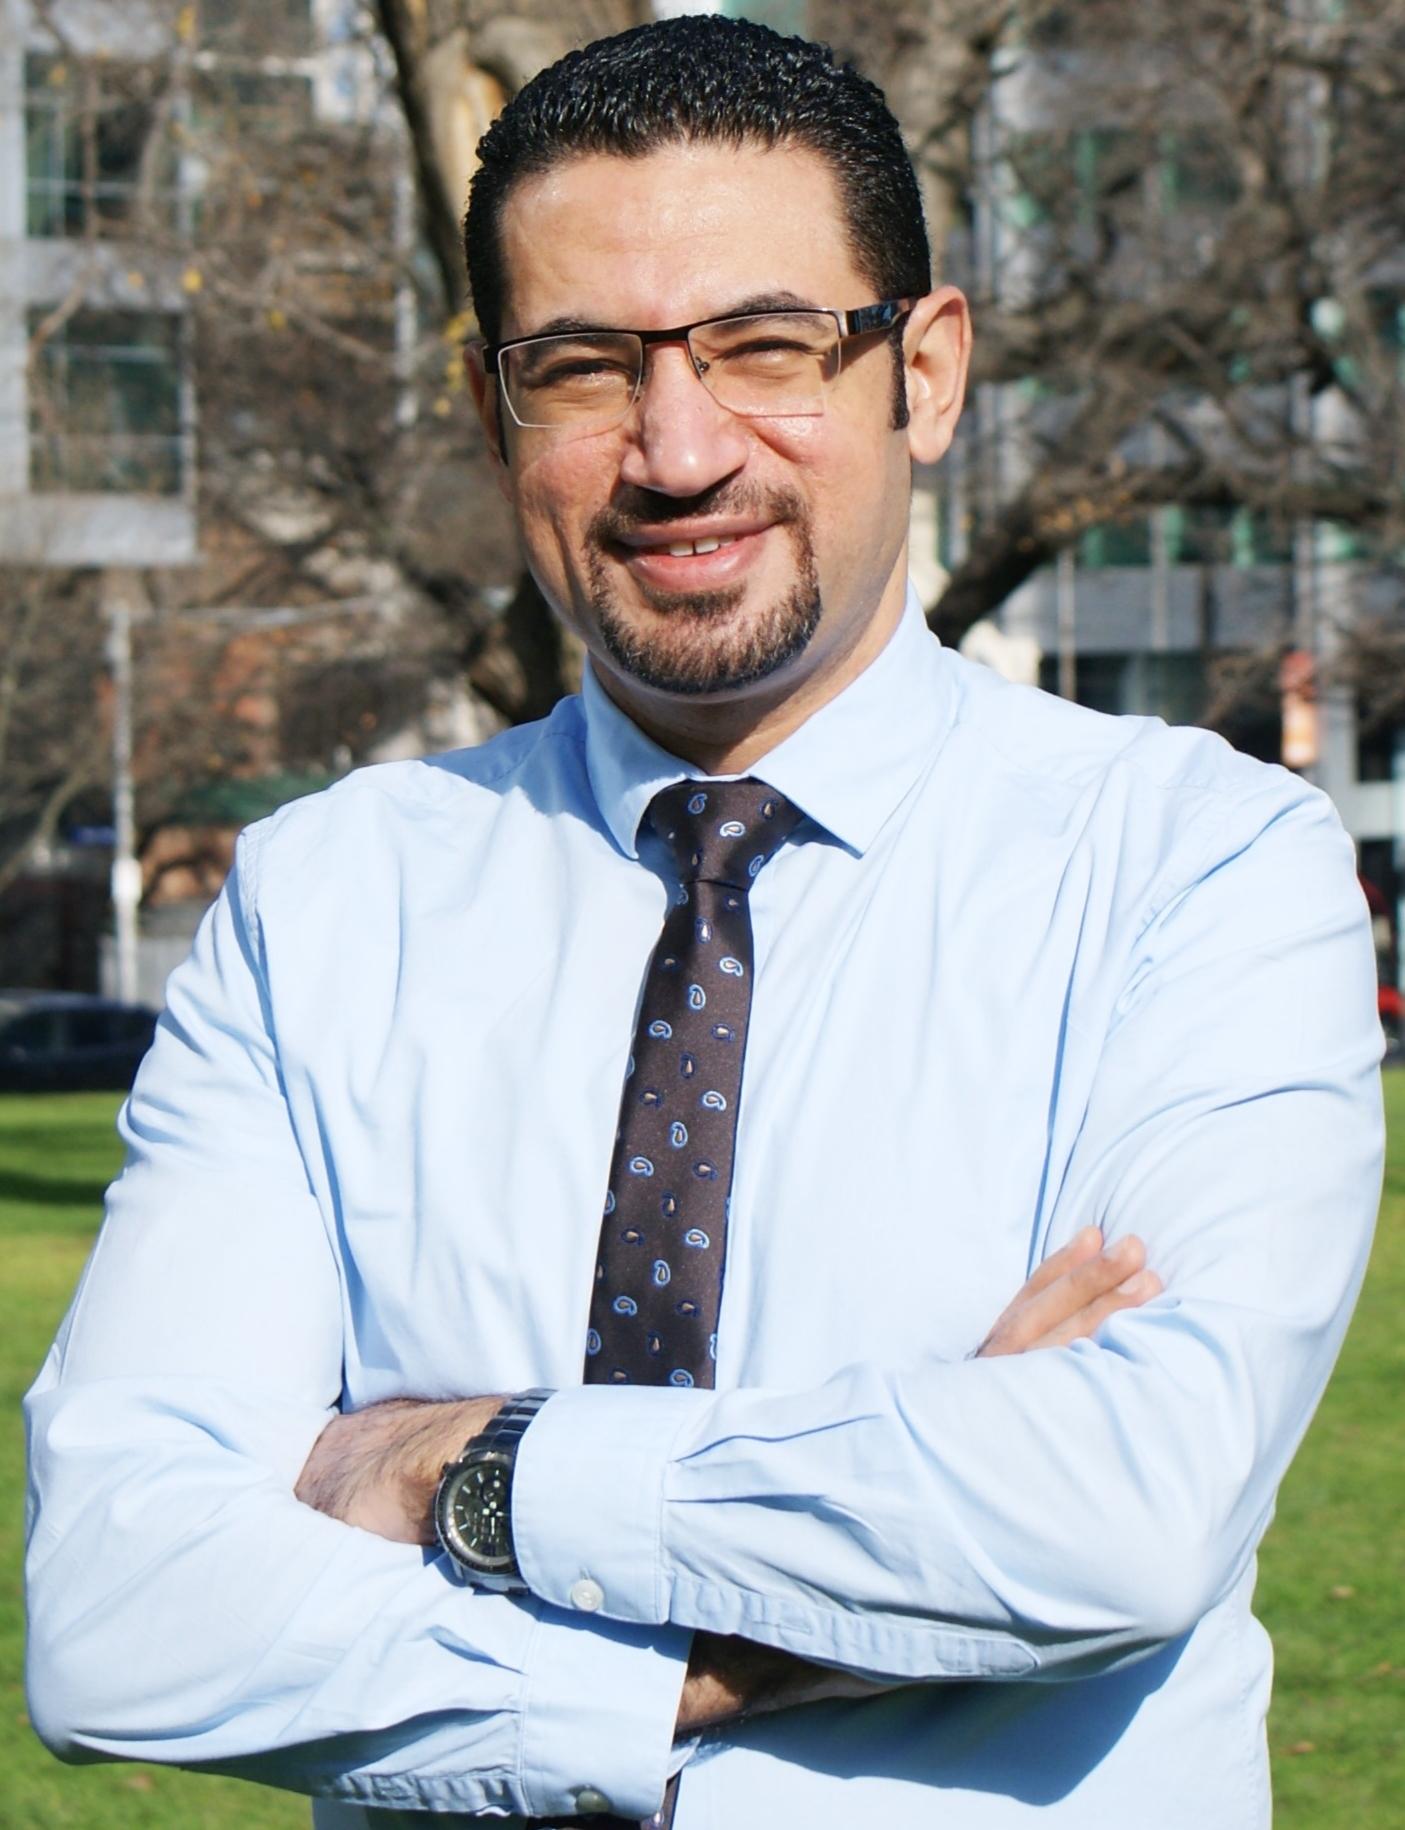 Dr Sam Atteya